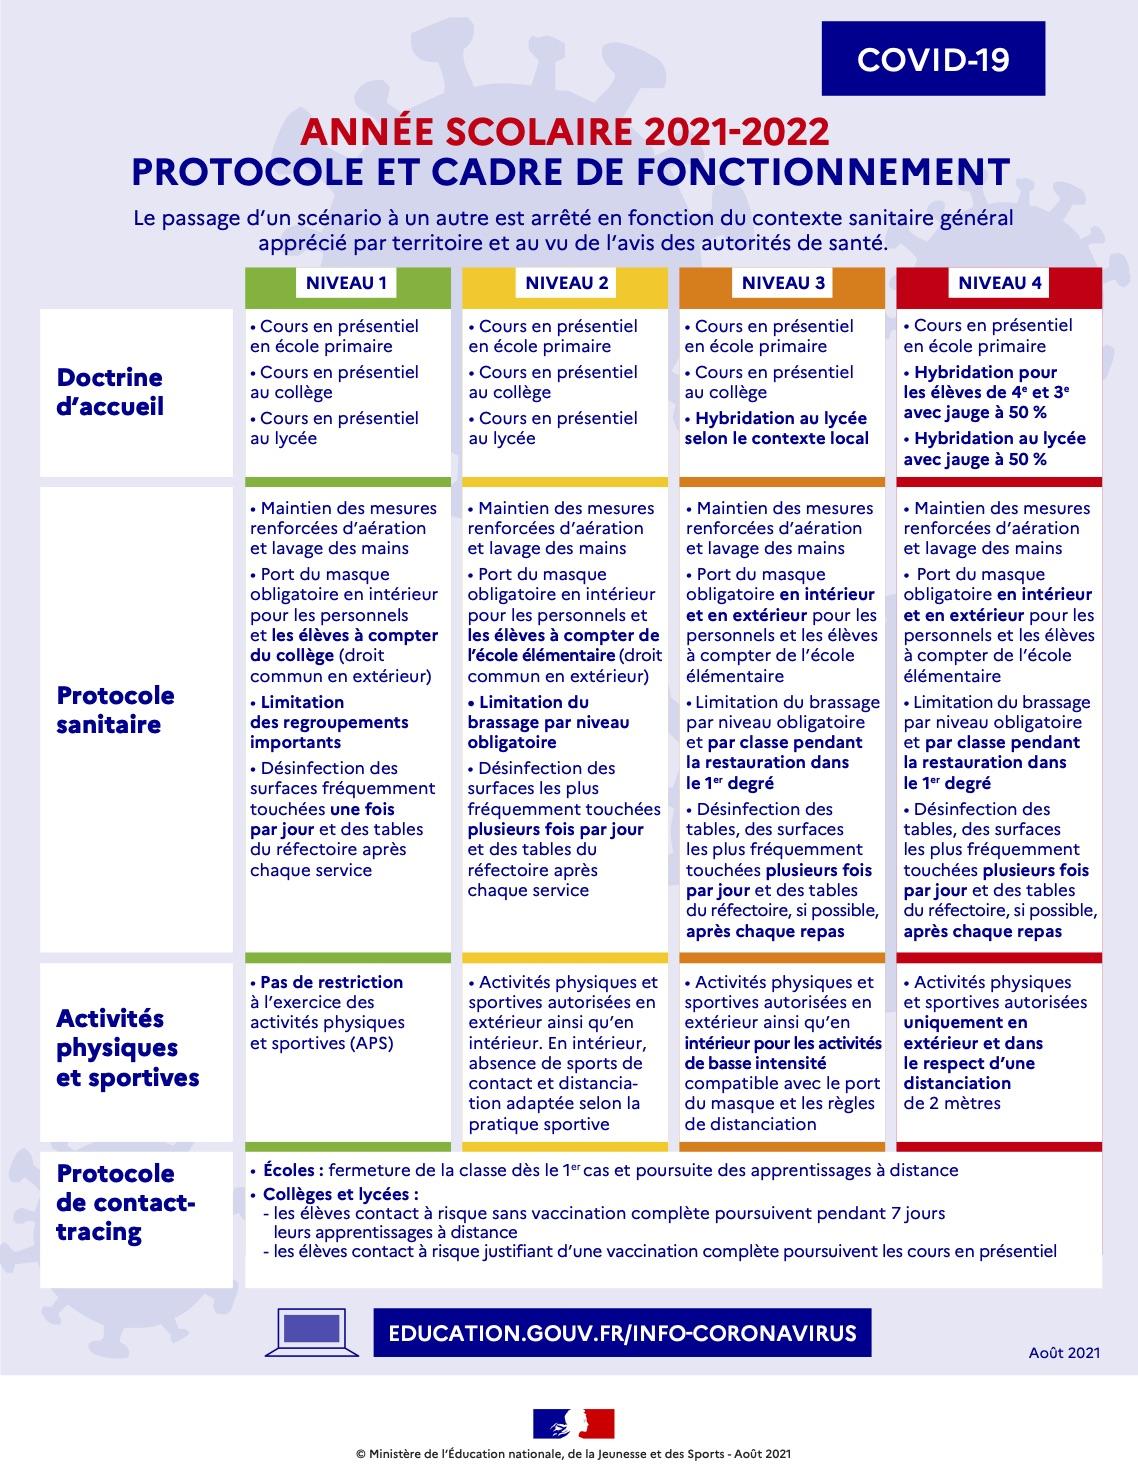 Protocole sanitaire-septembre 2021